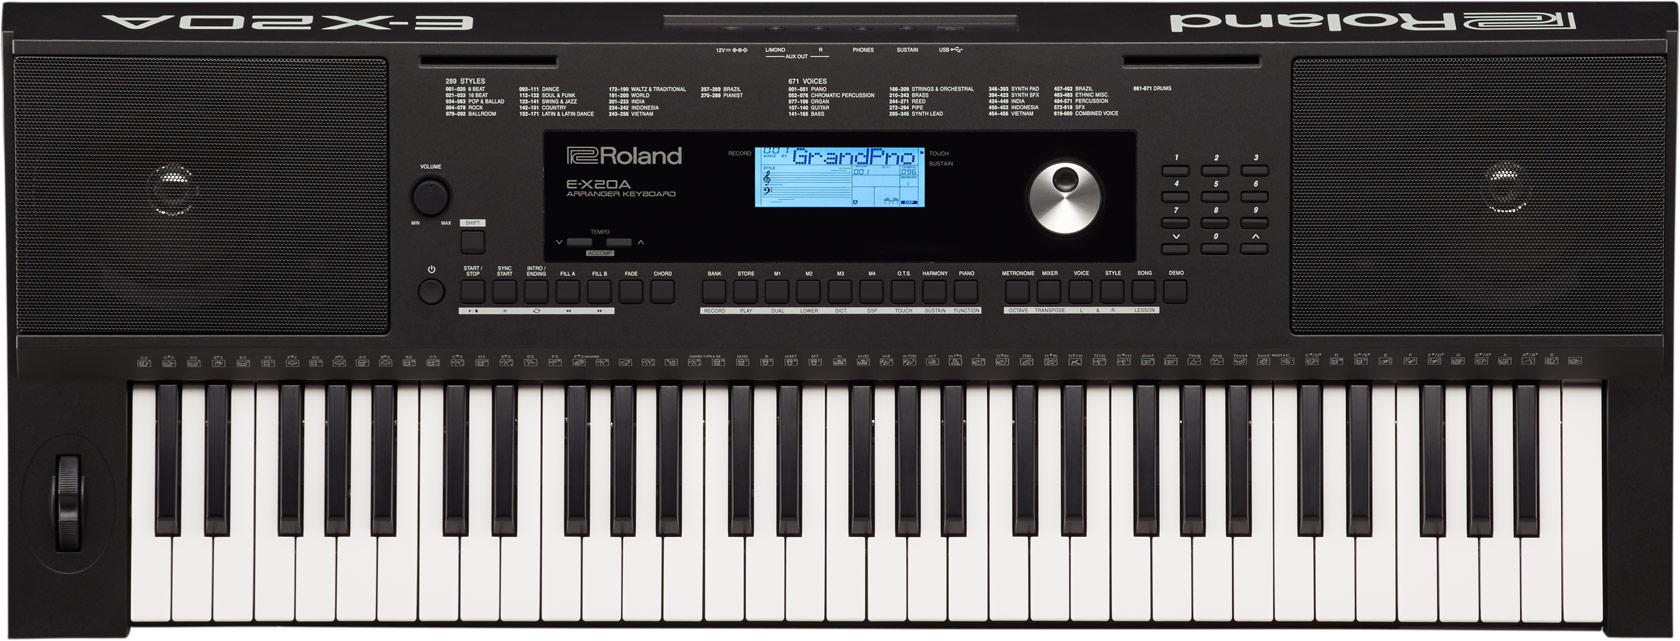 E-X20A | Arranger Keyboard - Roland